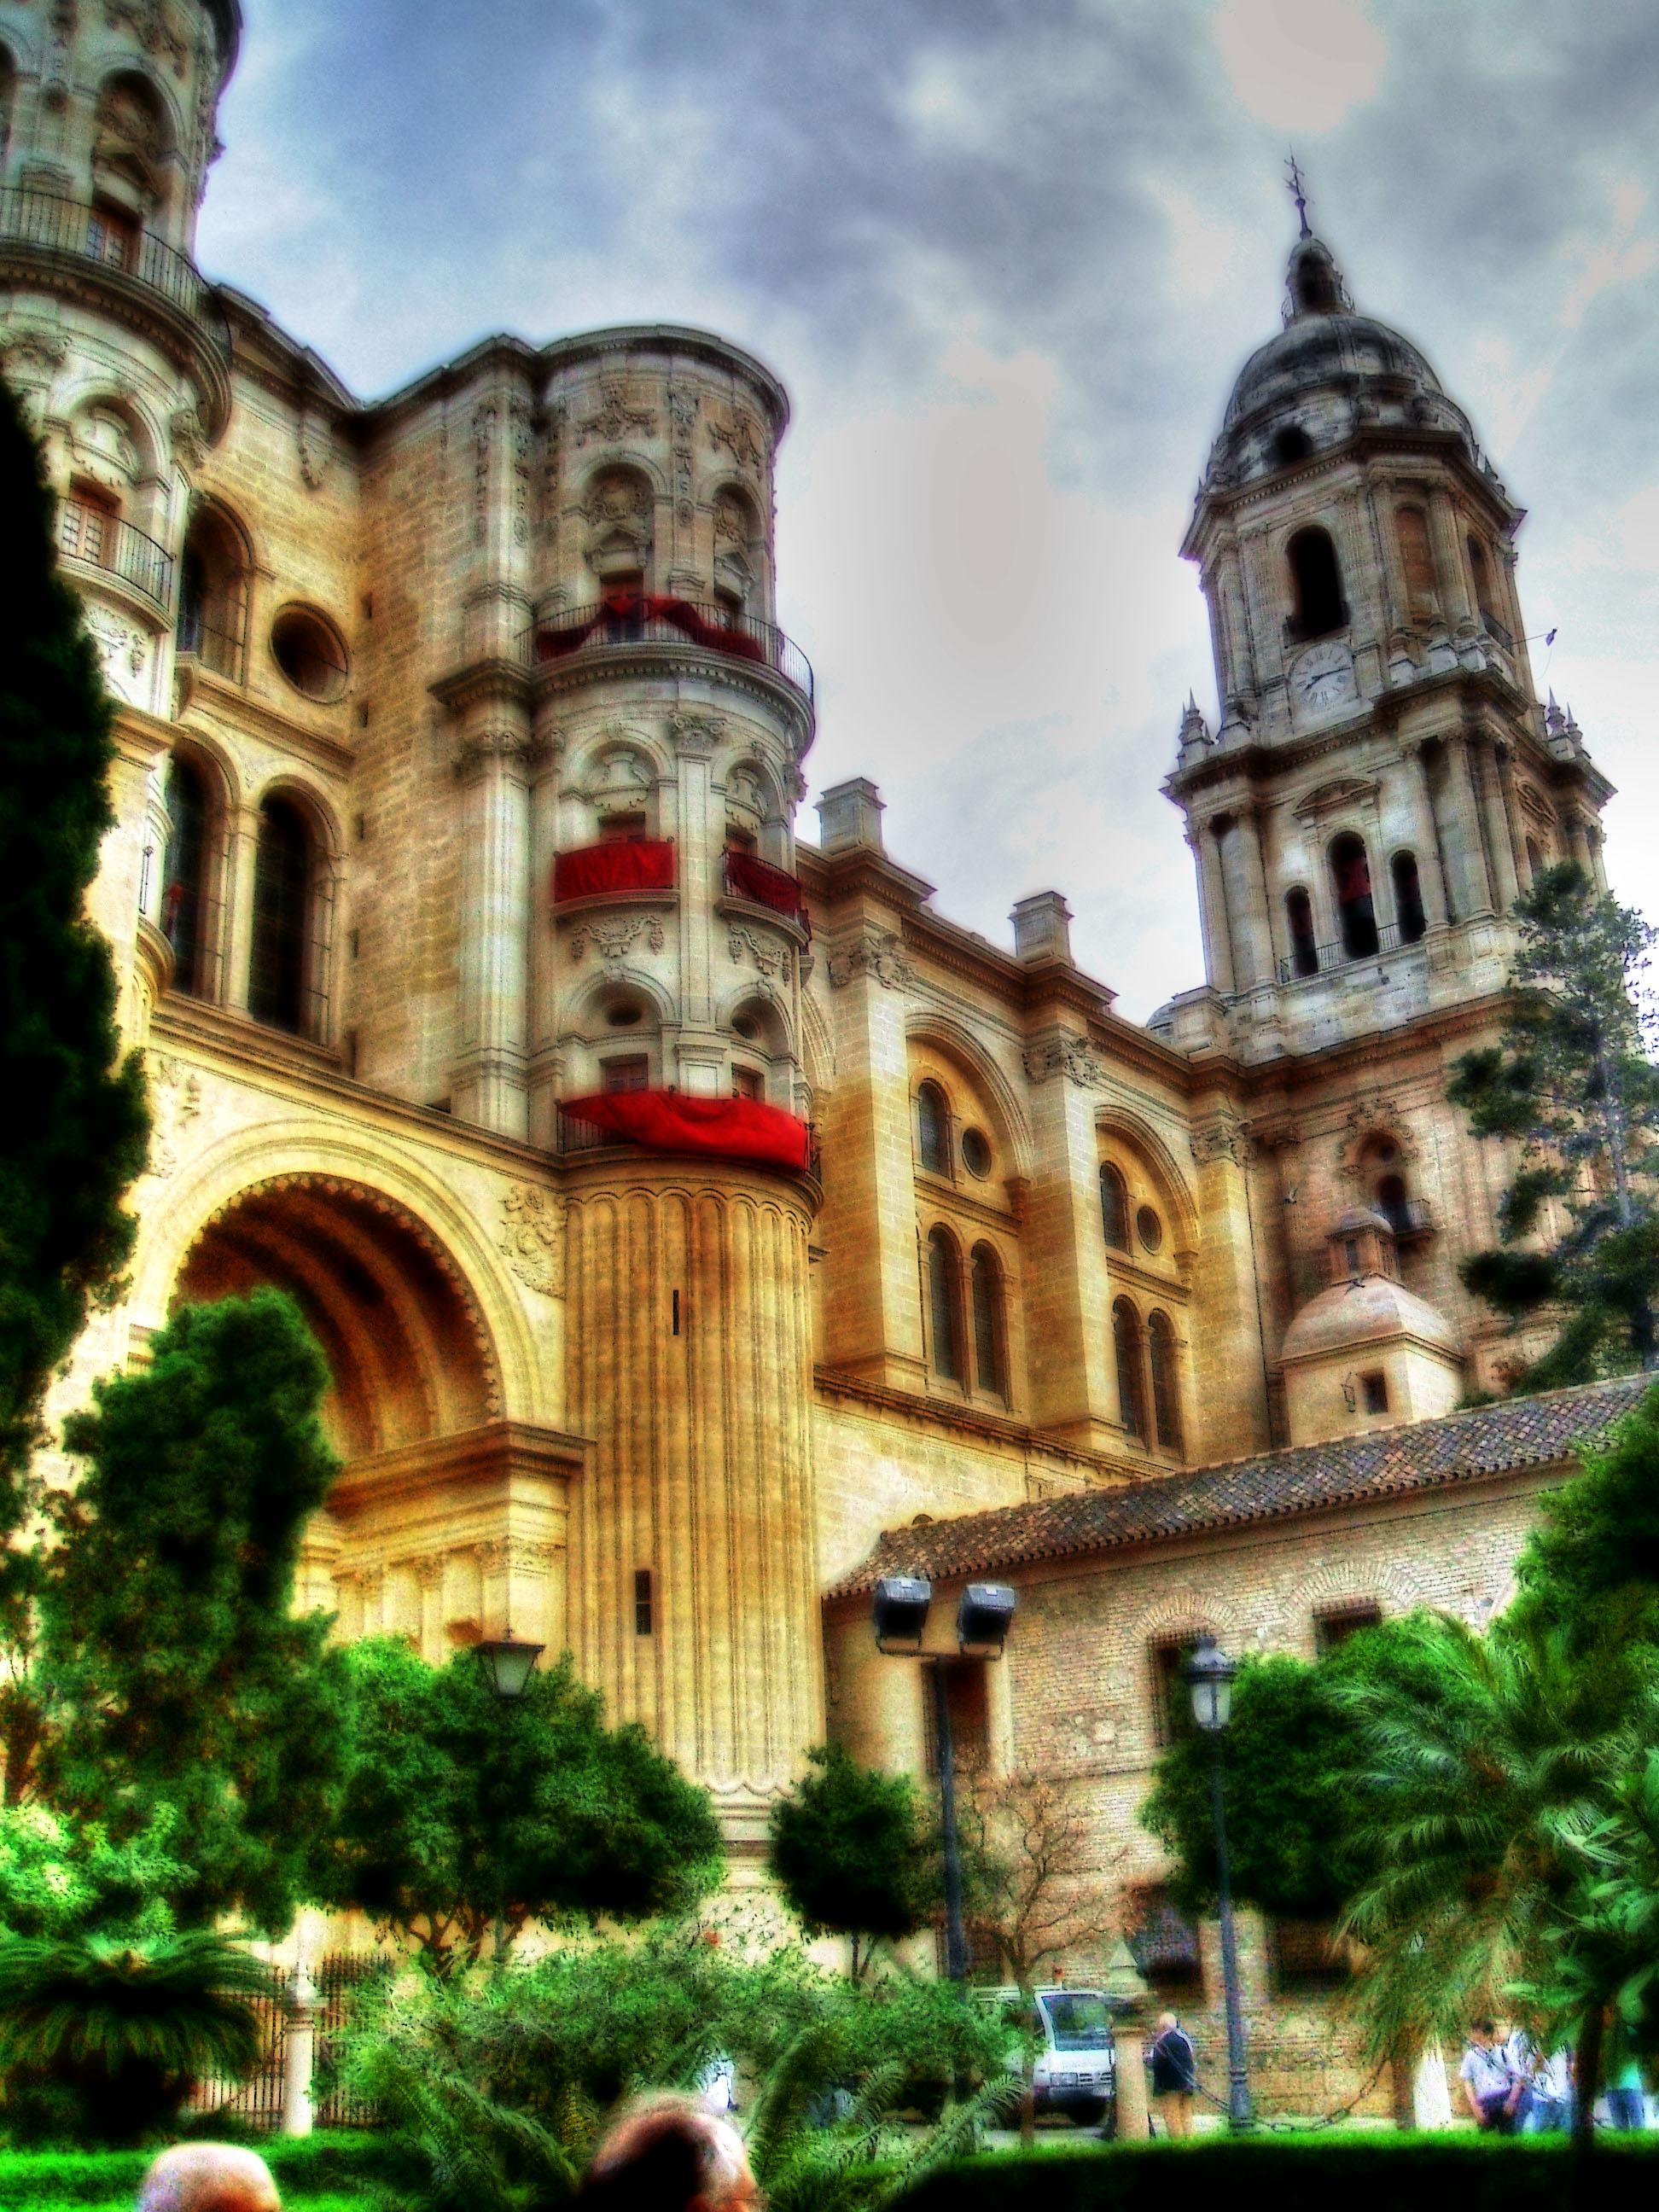 La 39 manquita catedral de m laga fotos de m laga capital - Fotos malaga capital ...